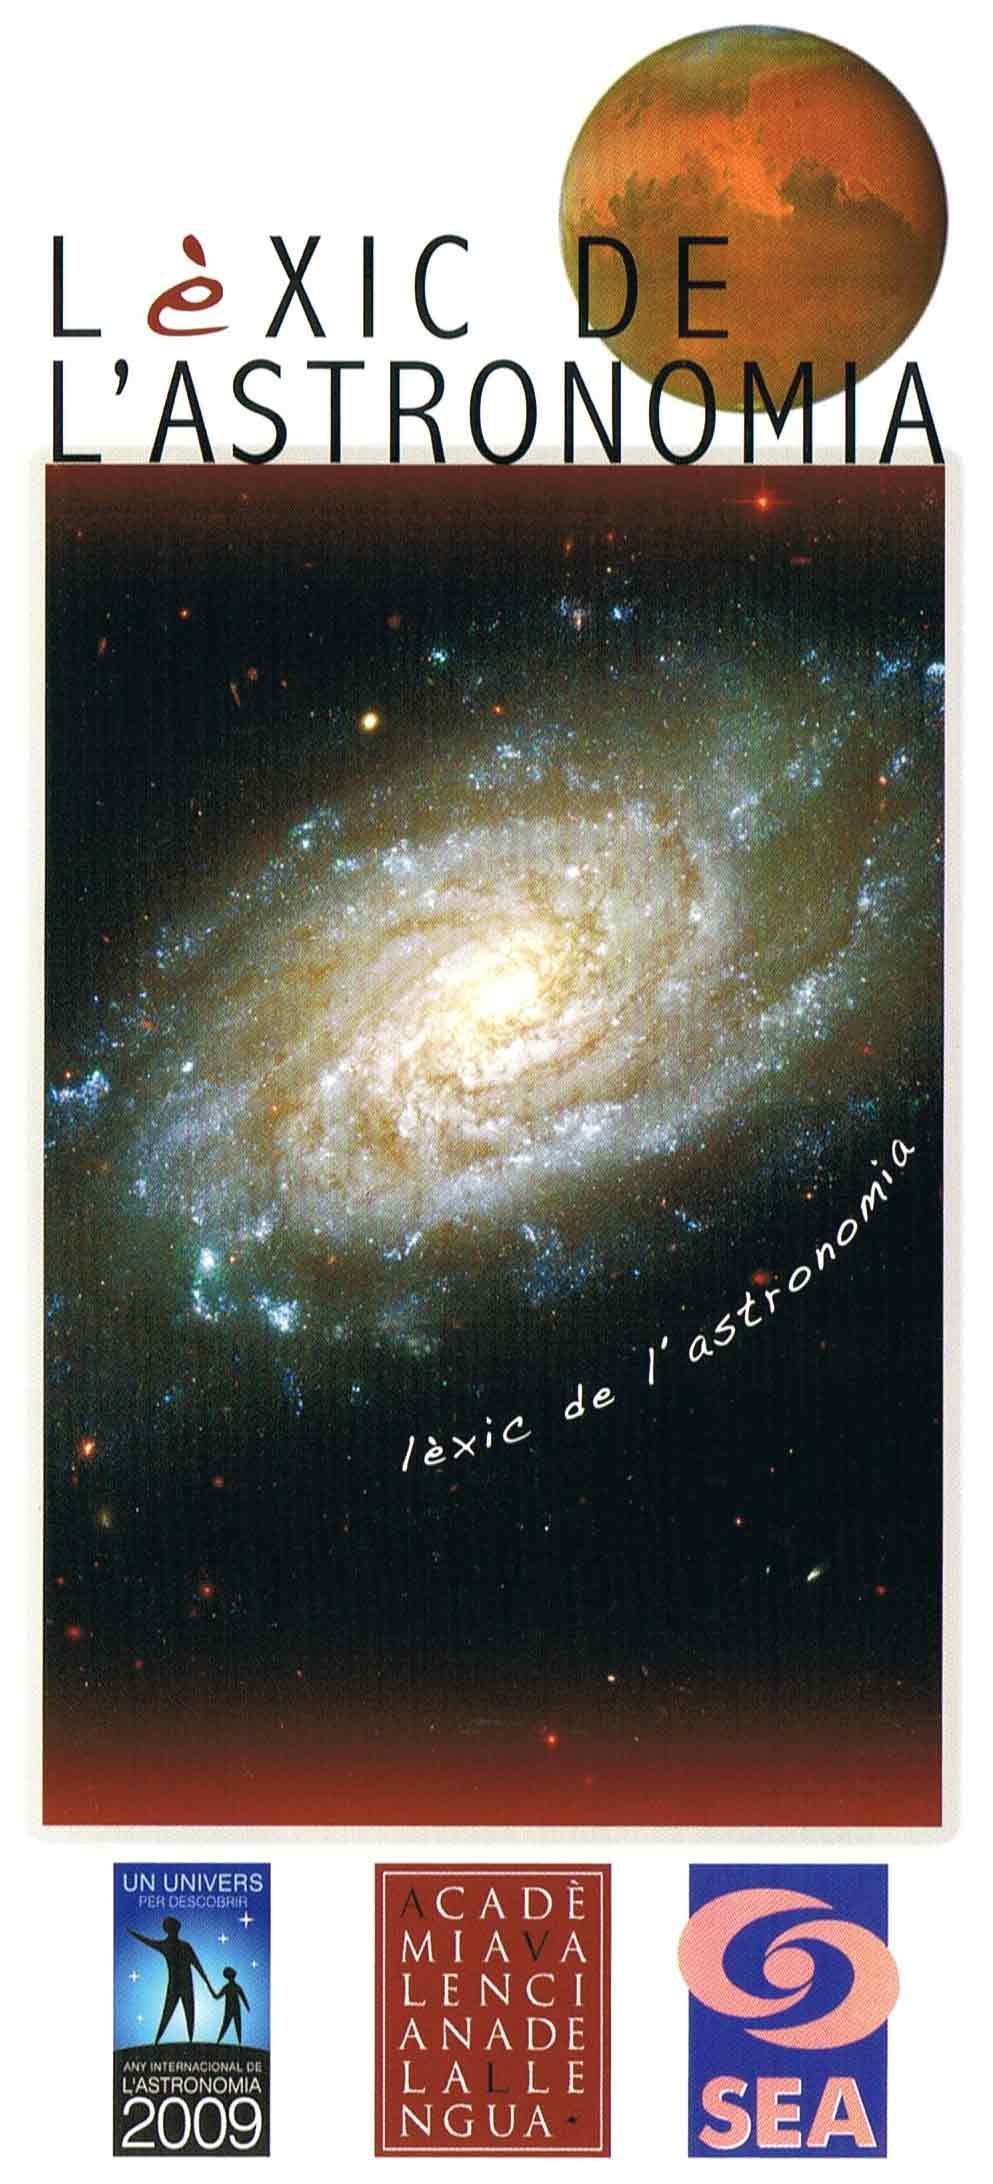 Astronomia i ciència